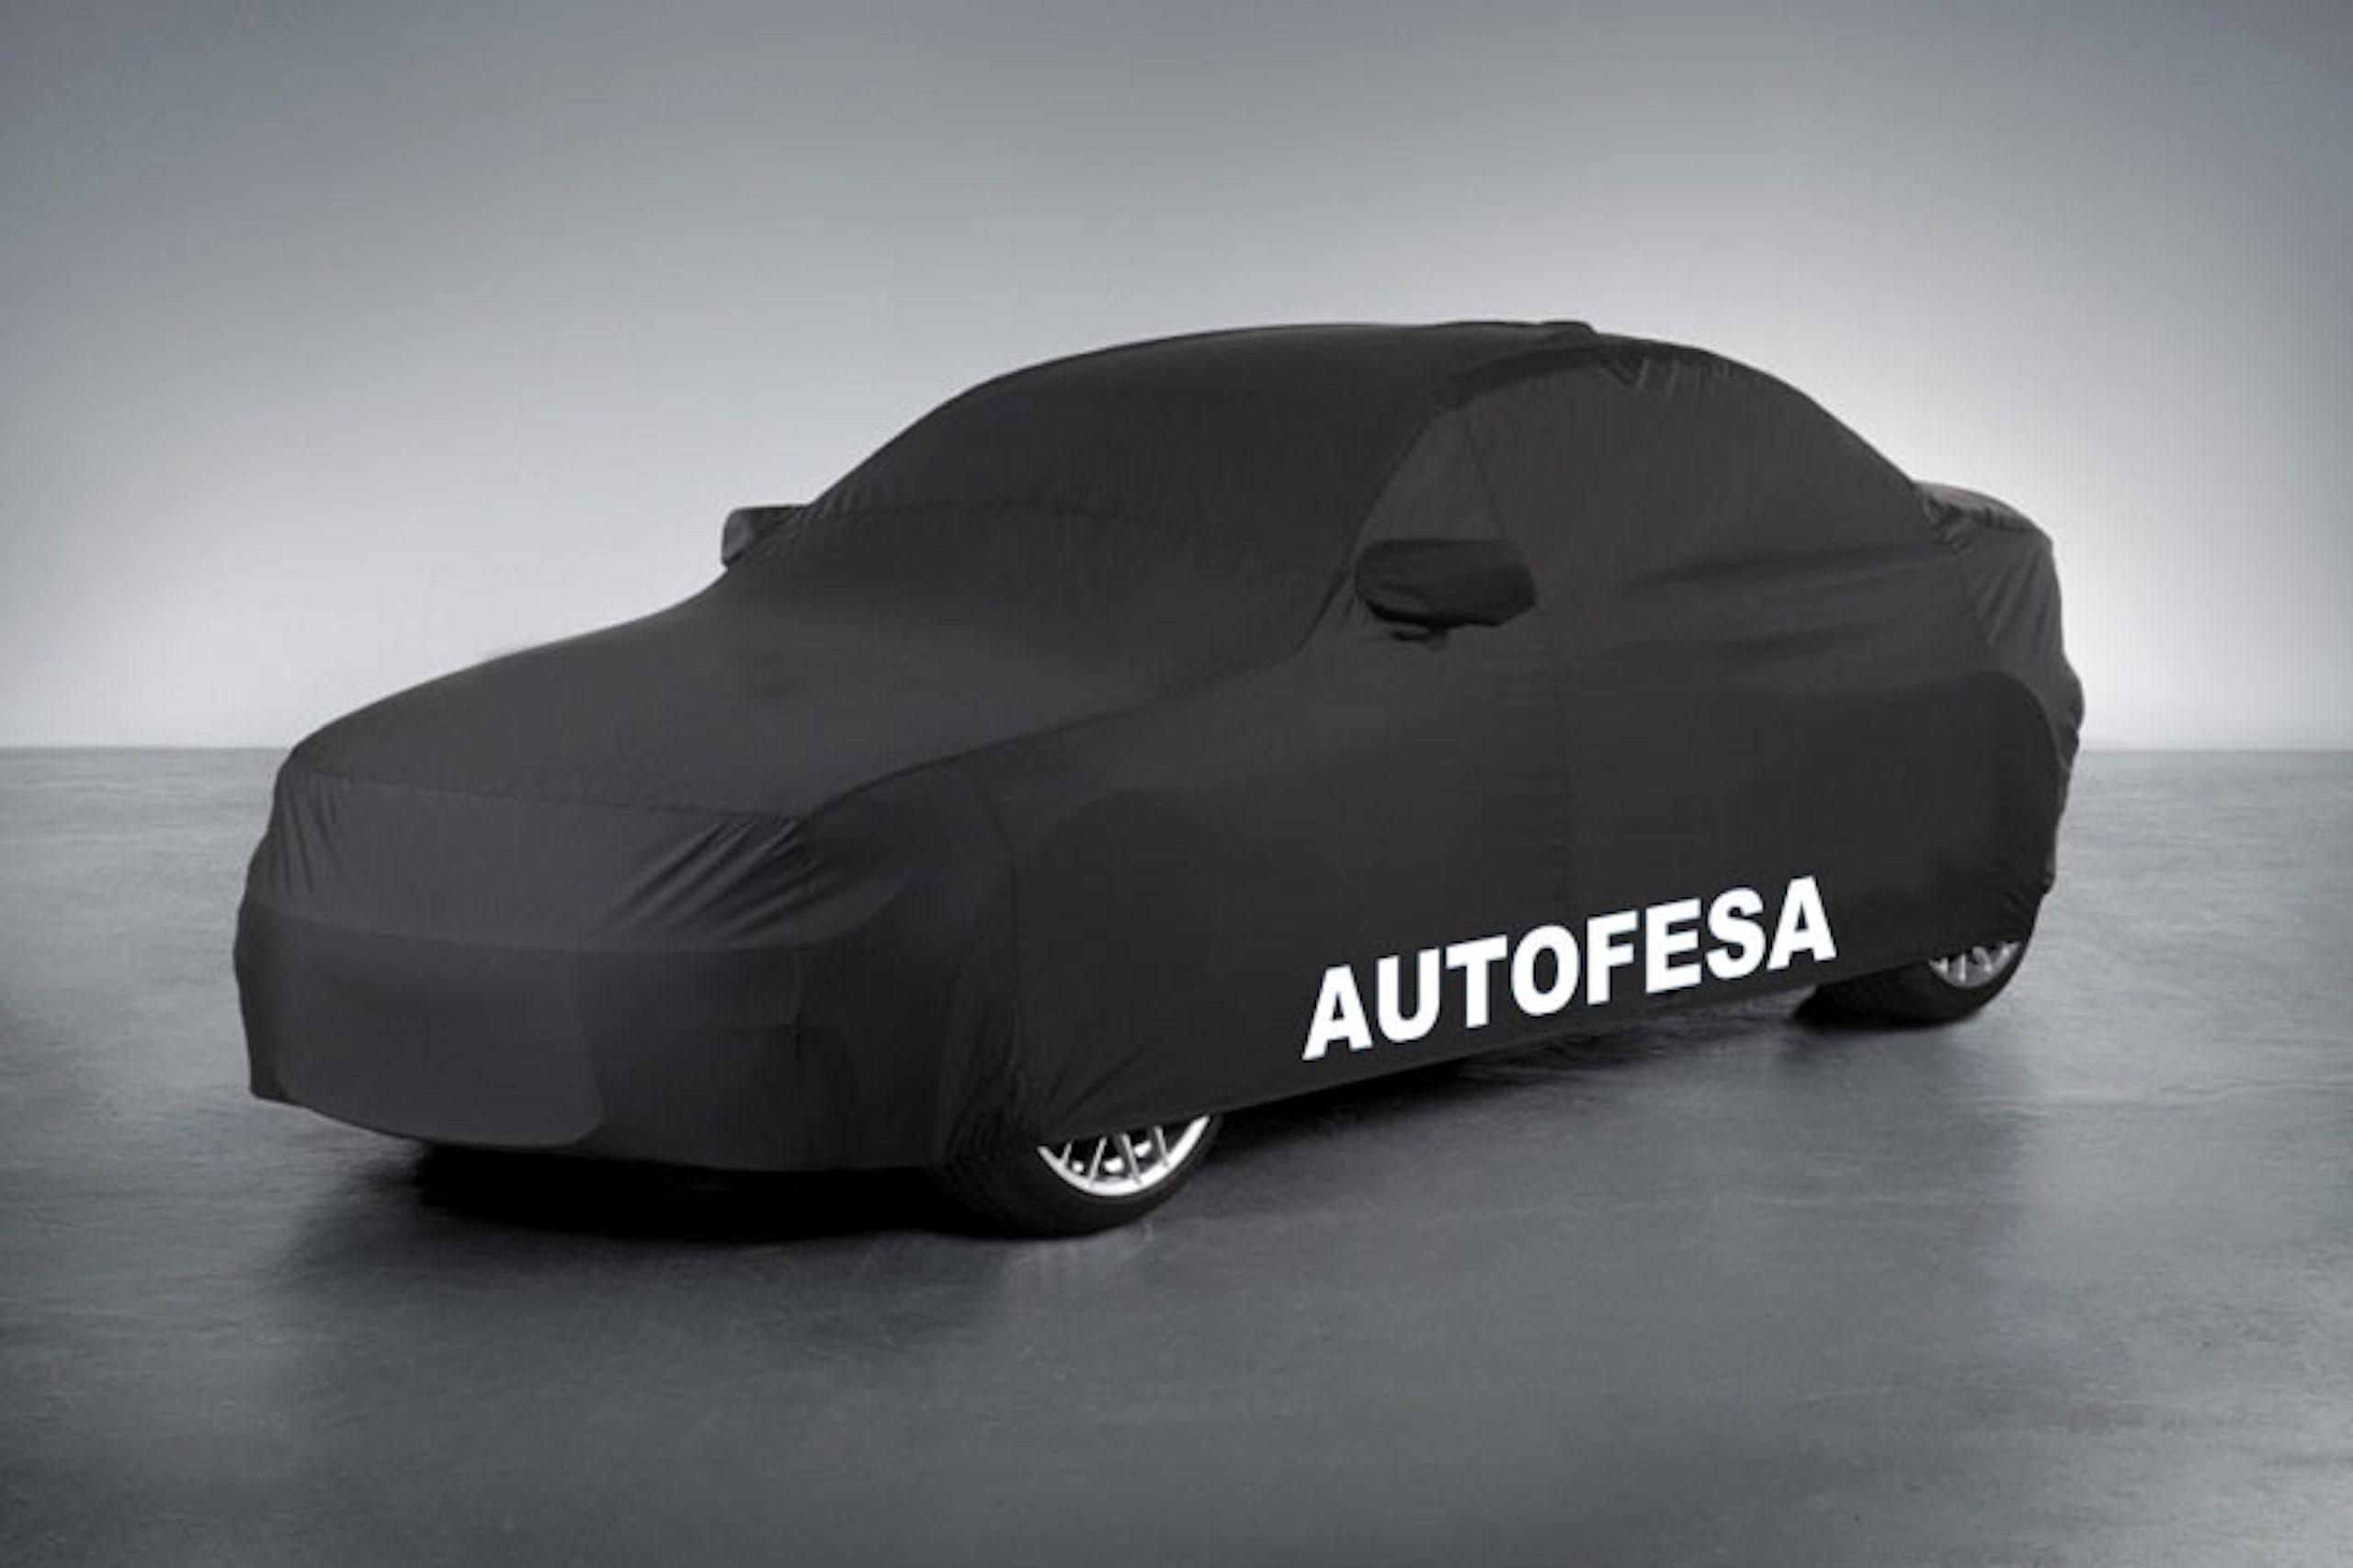 Mercedes-benz GLA 250 2.0 DCT 211cv AMG 4MATIC 7G Auto - Foto 25